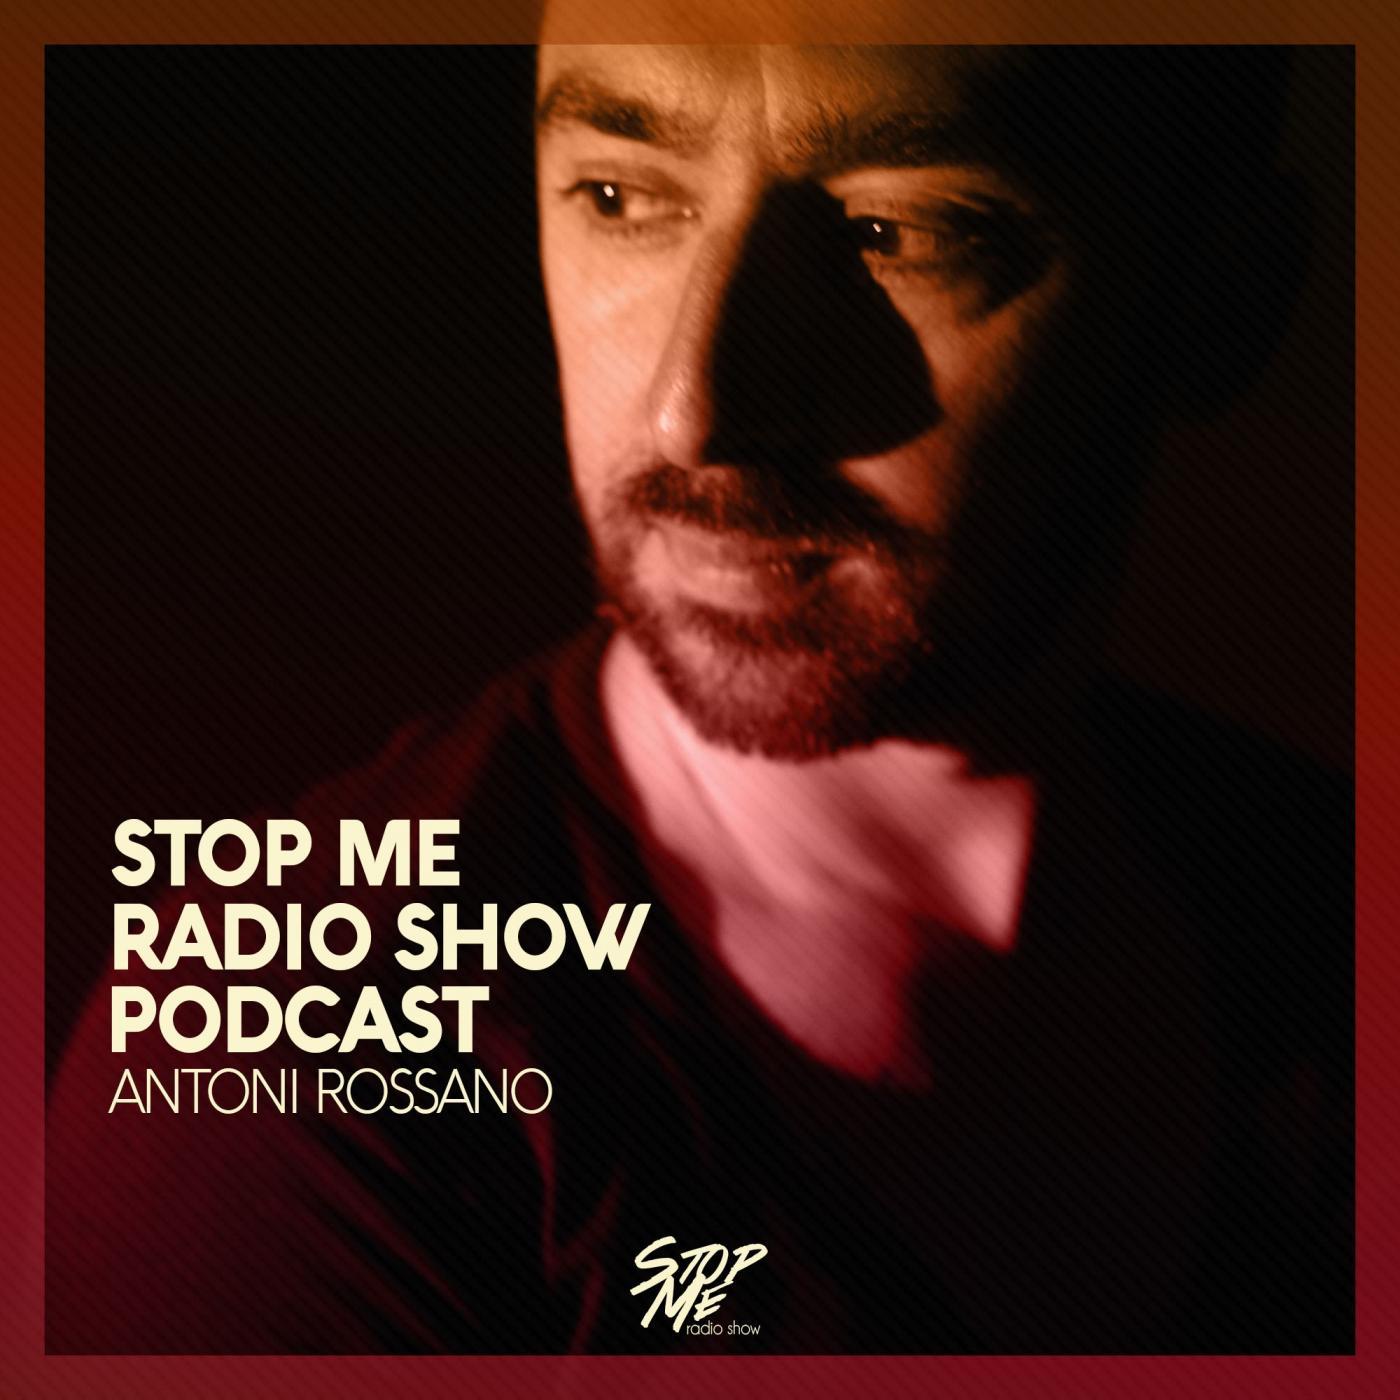 STOP ME RADIO SHOW